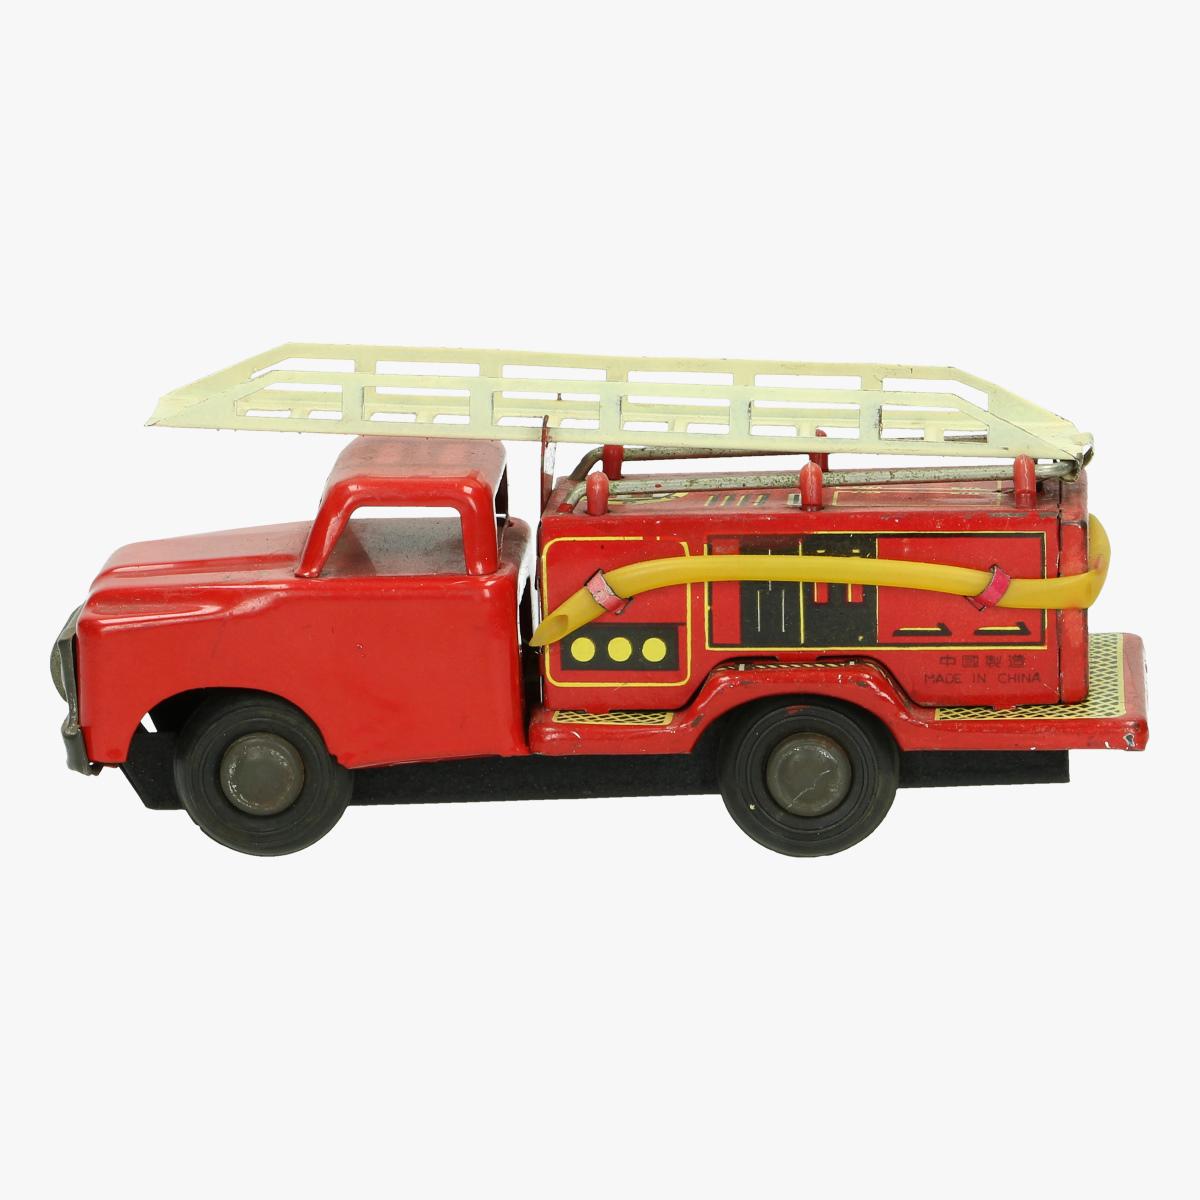 Afbeeldingen van oude blikken brandweerwagen